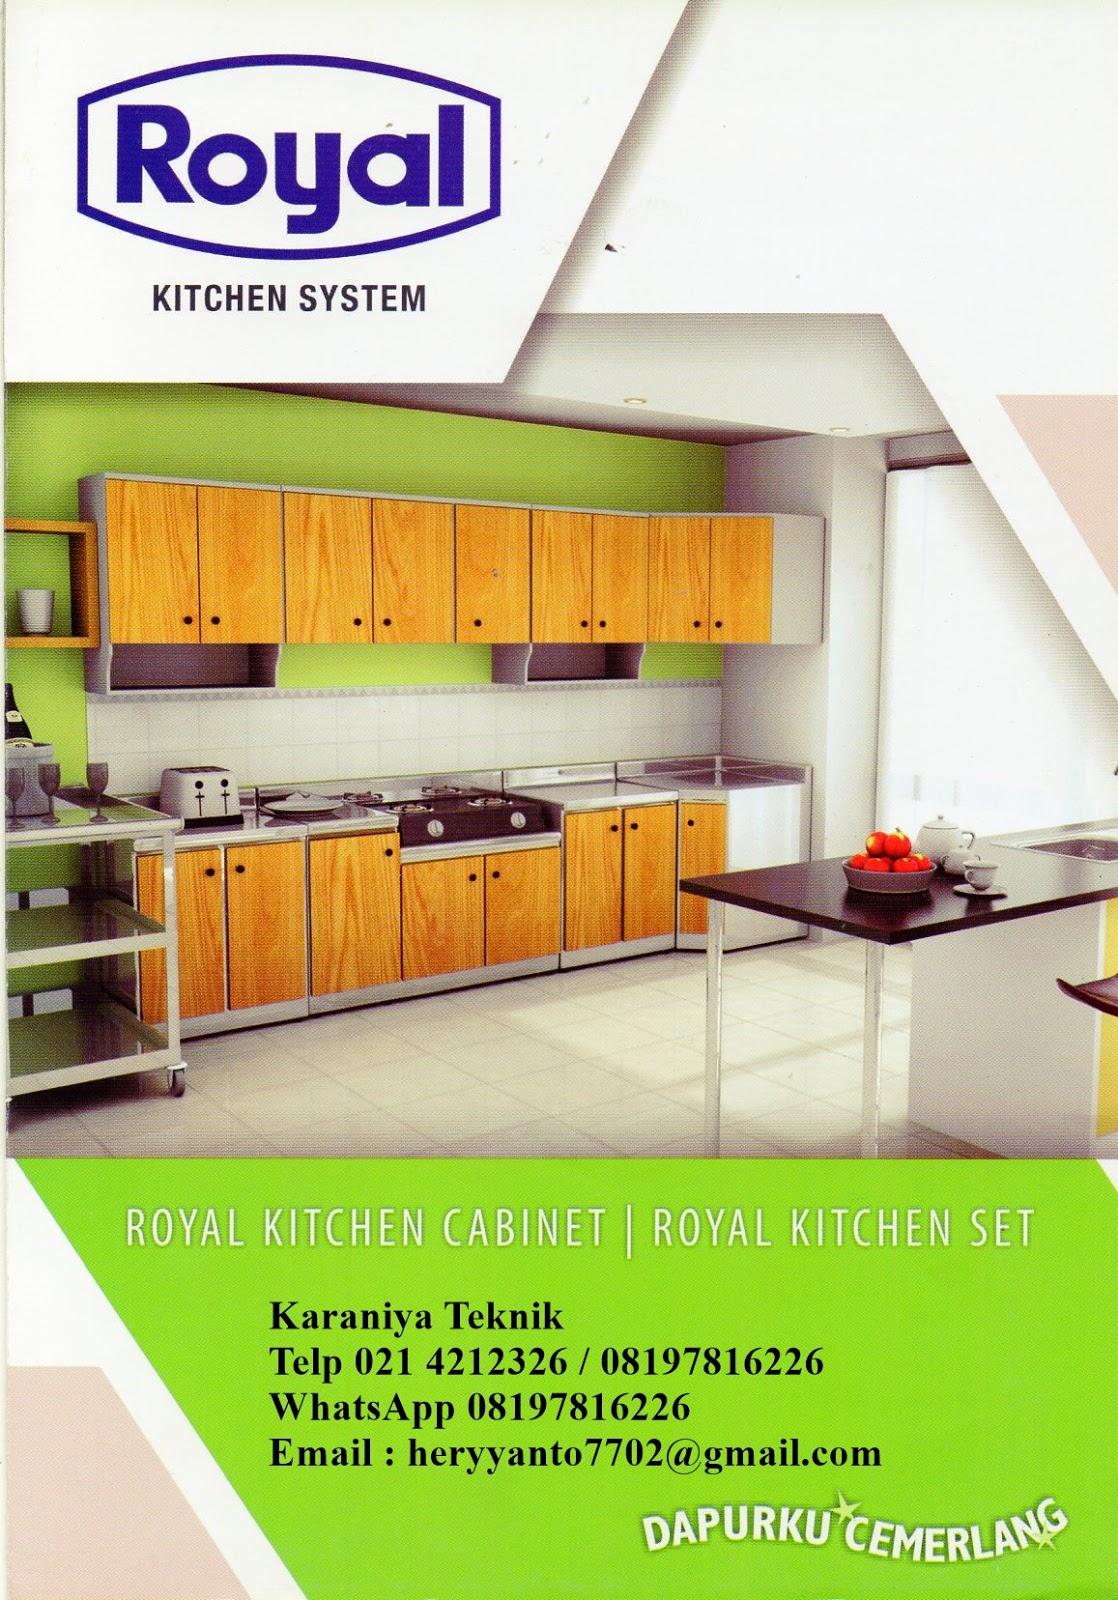 Royal Kitchen Sink Kitchen sink royal harga jual kitchen set royal 1 harga jual kitchen set royal 1 workwithnaturefo